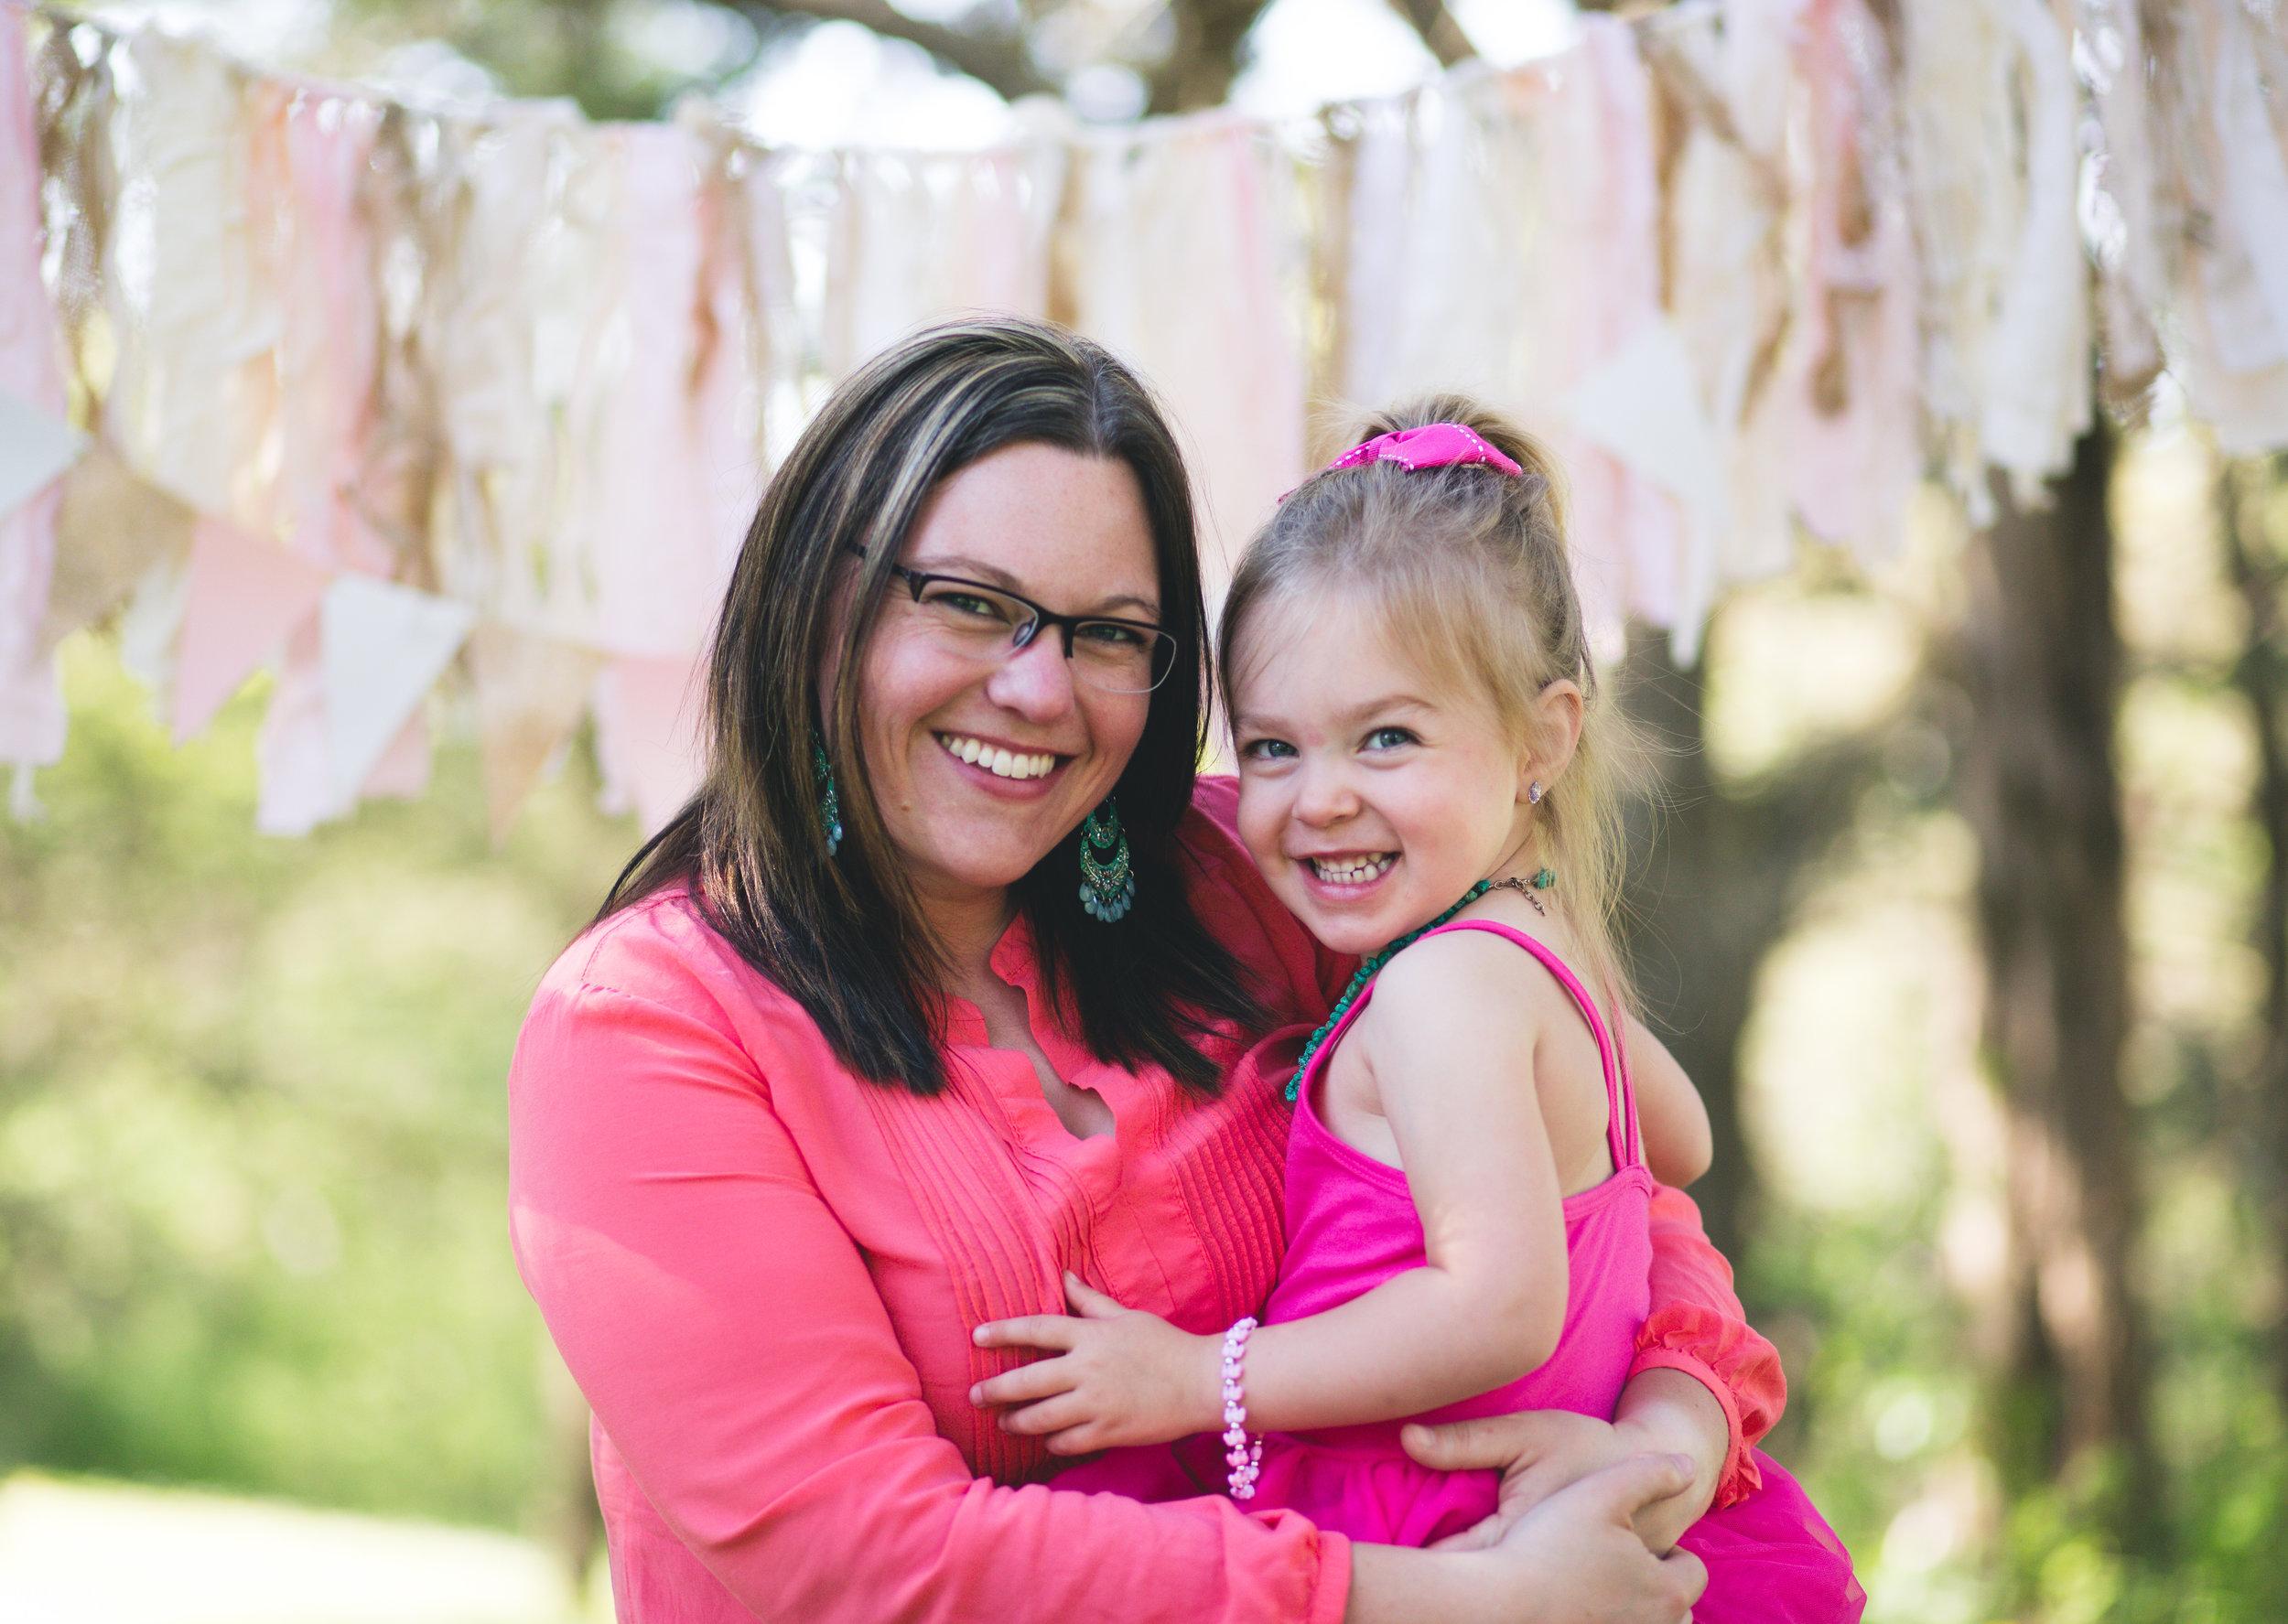 Mommy_and_me_photoshoot_HudsonWI_AWP7